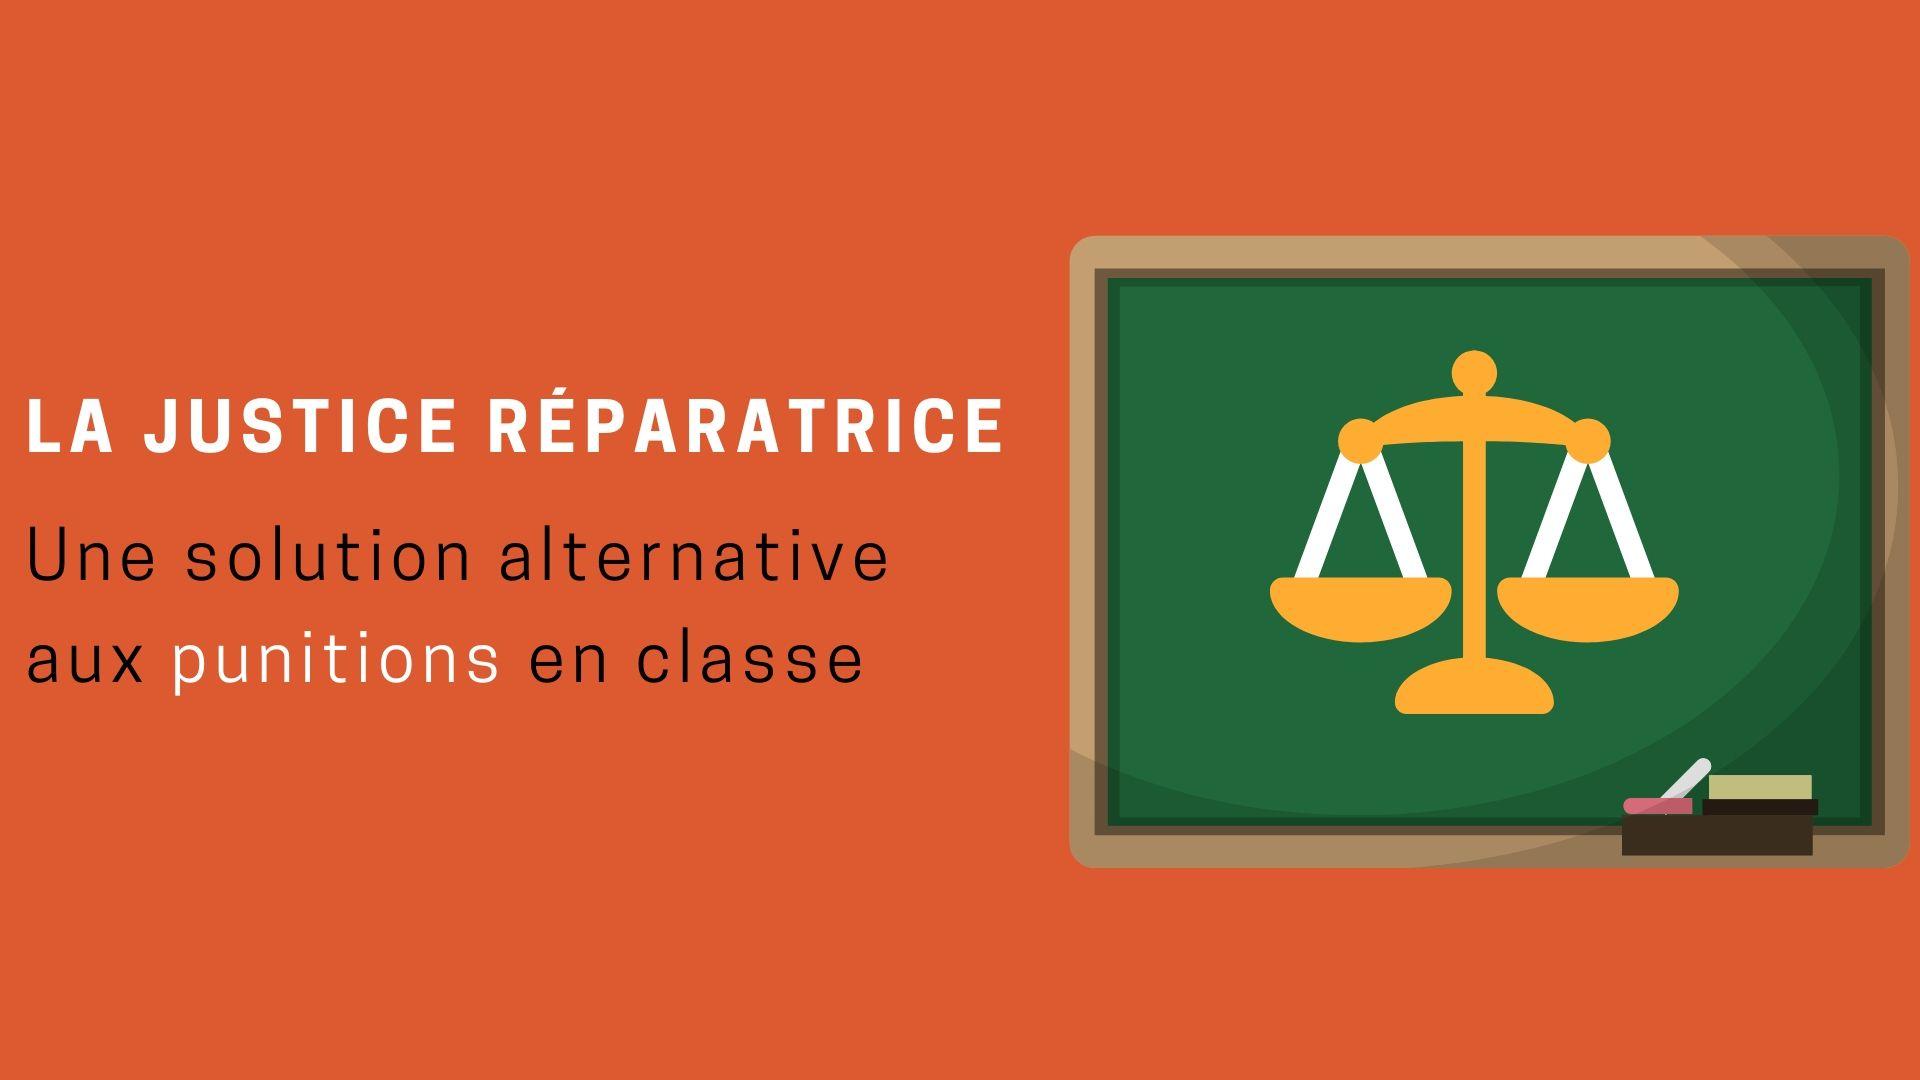 La Justice Réparatrice alternative aux punitions en classe